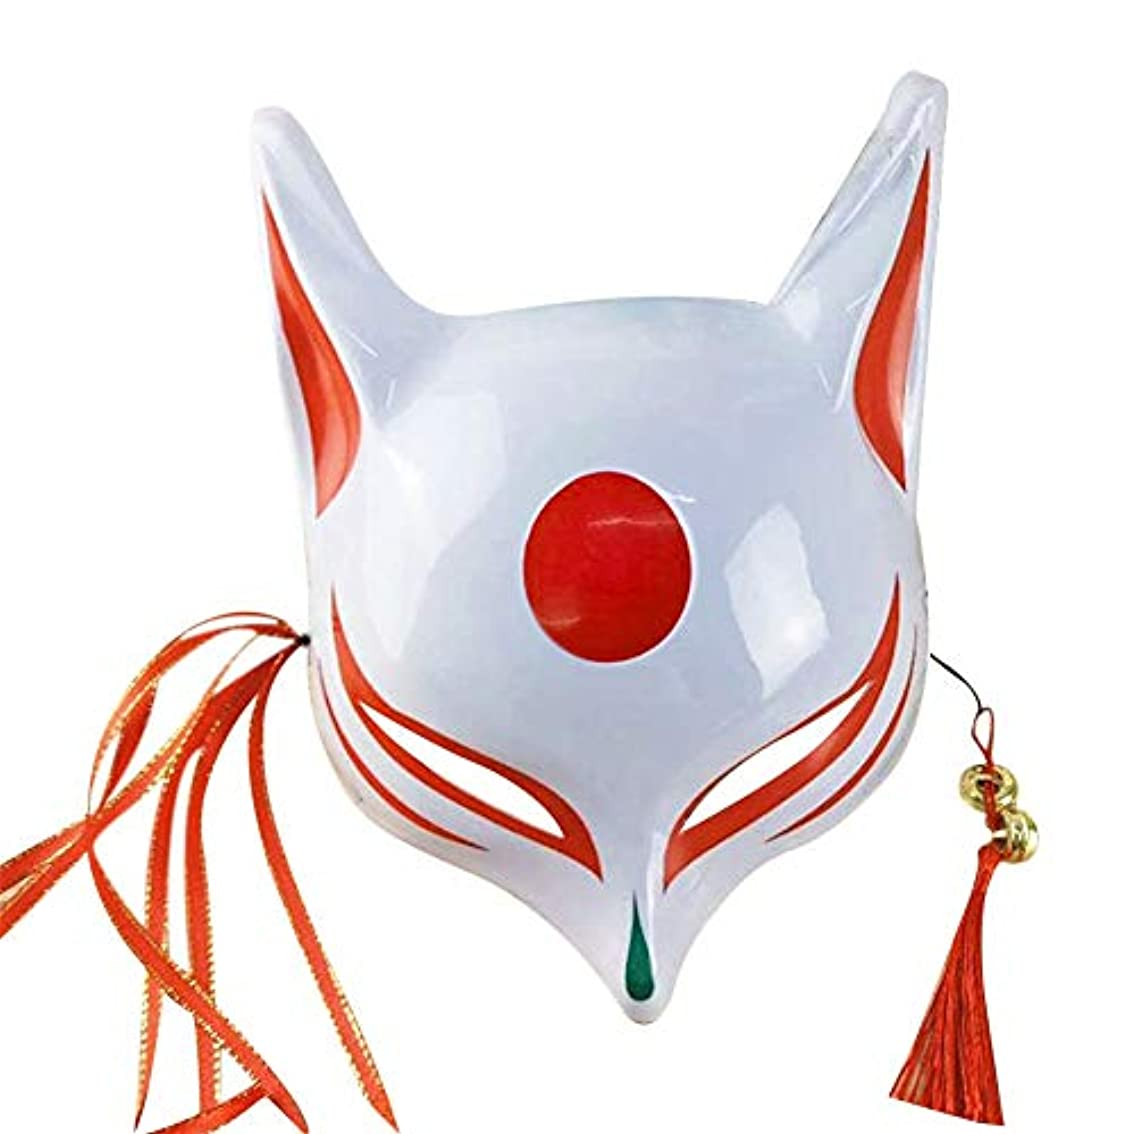 ゴム製作ファウルKISSION手描きのマスクフォックスハーフフェイスマスクロールプレイ仮装ドレスアップ マスクバーパーティー キツネの妖精の半分の顔 和風の手描き